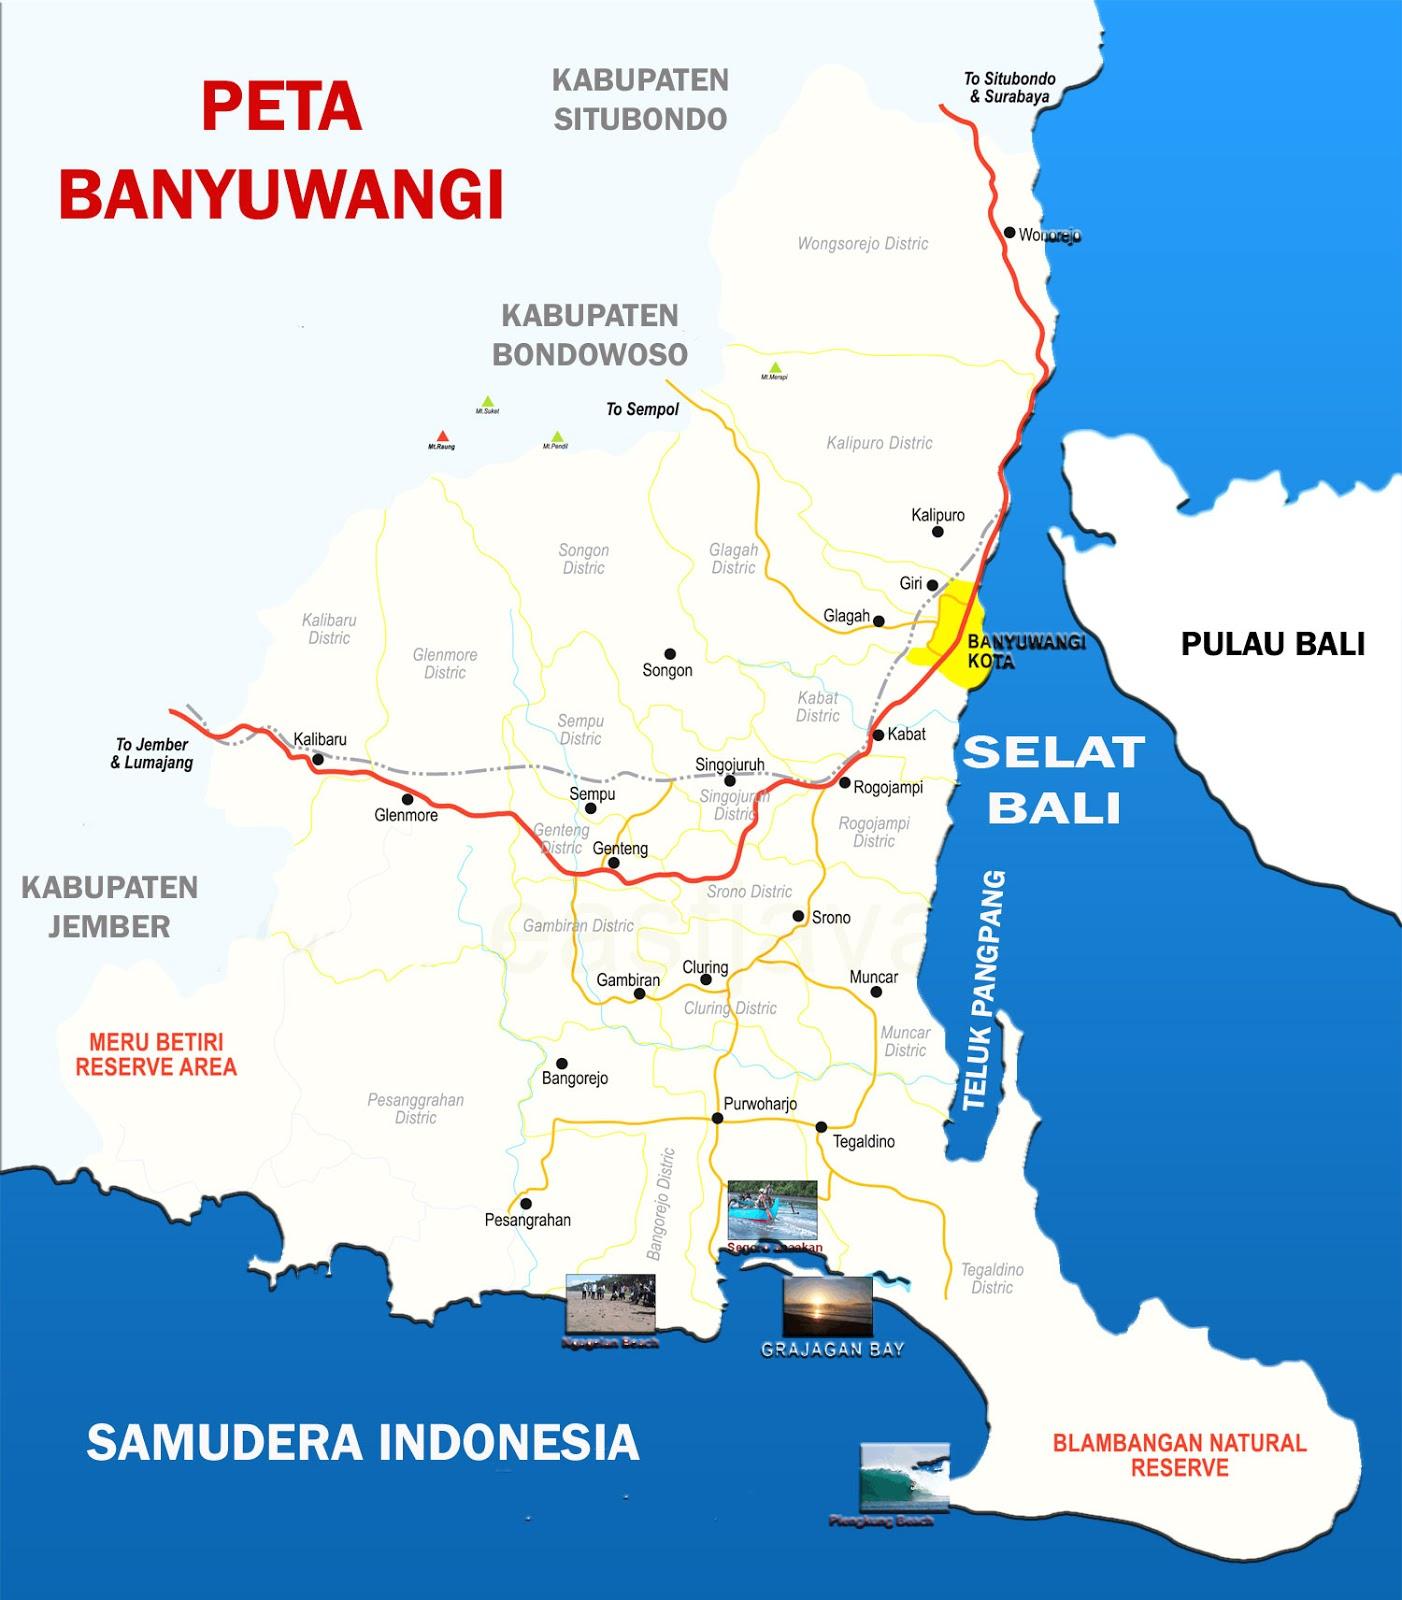 Peta Kabupaten Banyuwangi Lengkap 24 Kecamatan Sejarah Negara Gambar Bali